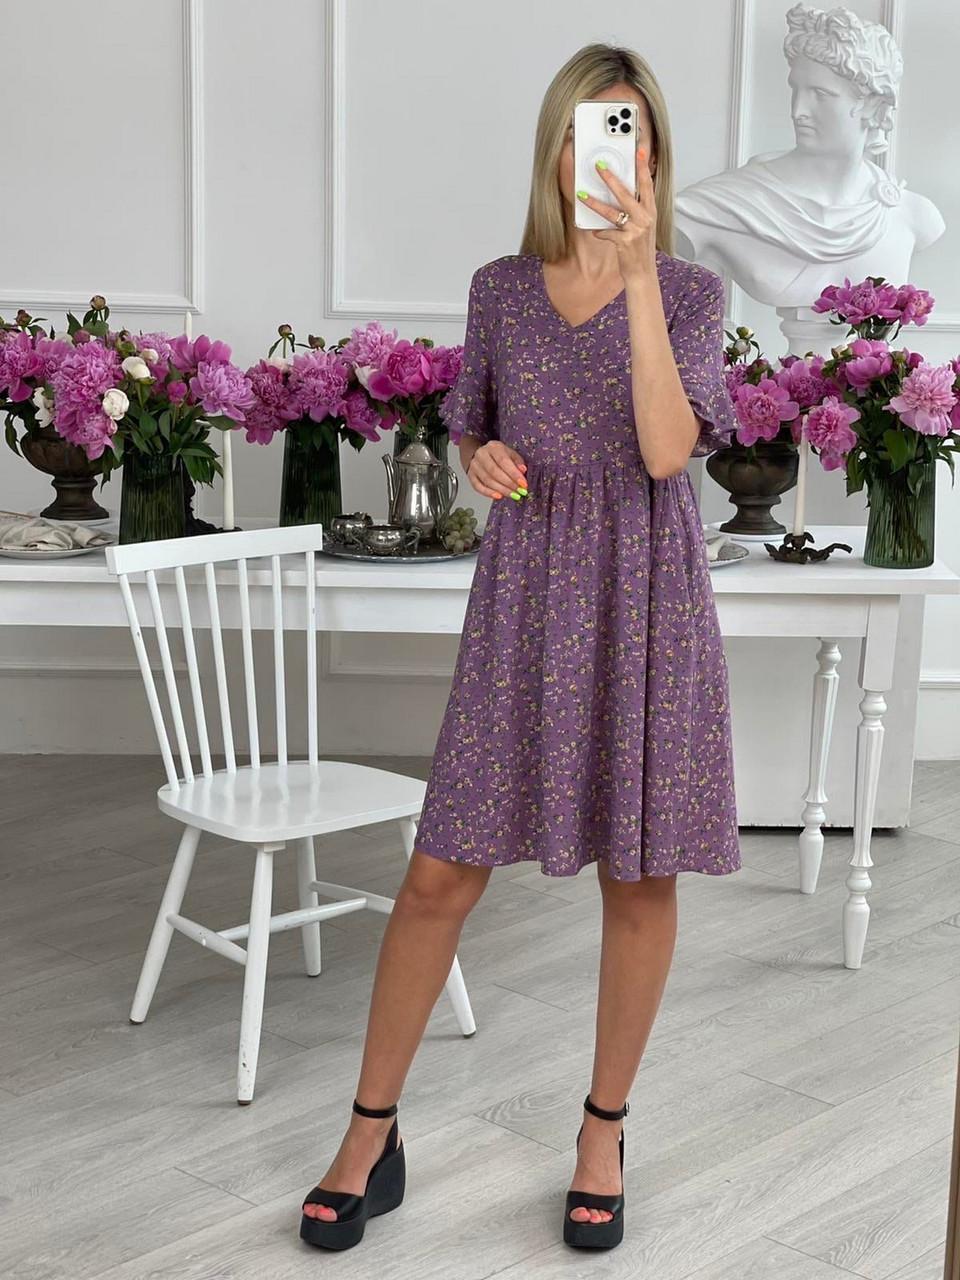 Практичне жіноче плаття з квітковим принтом завдовжки до колін, кишені в бічних швах, 01026 (Фіолетовий),